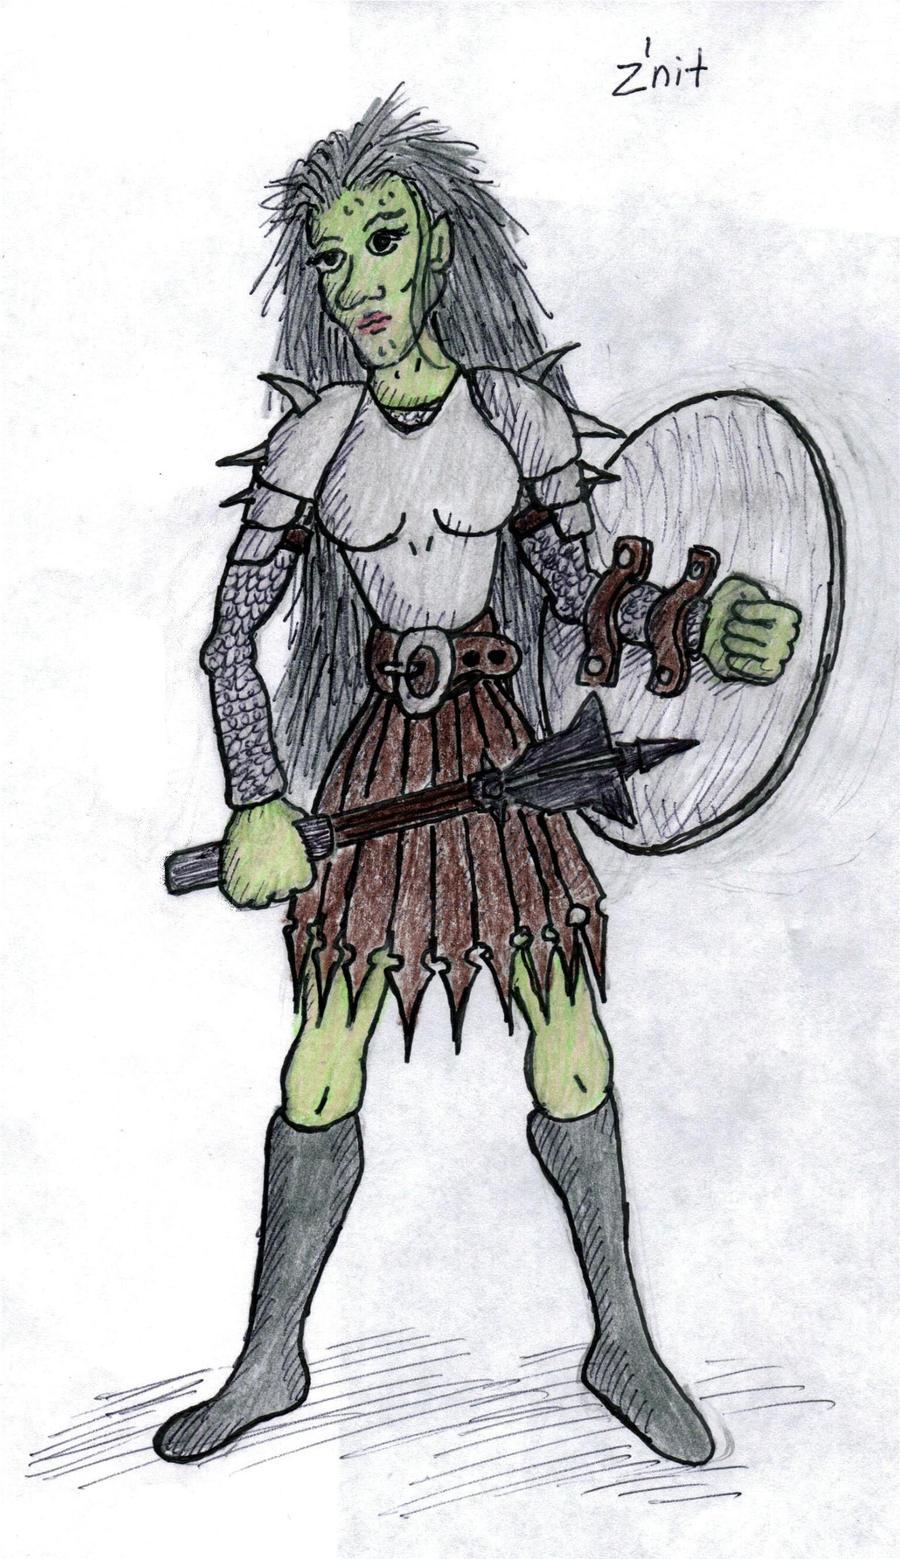 Znit, Green Hag Fighter by Mistgod on deviantART